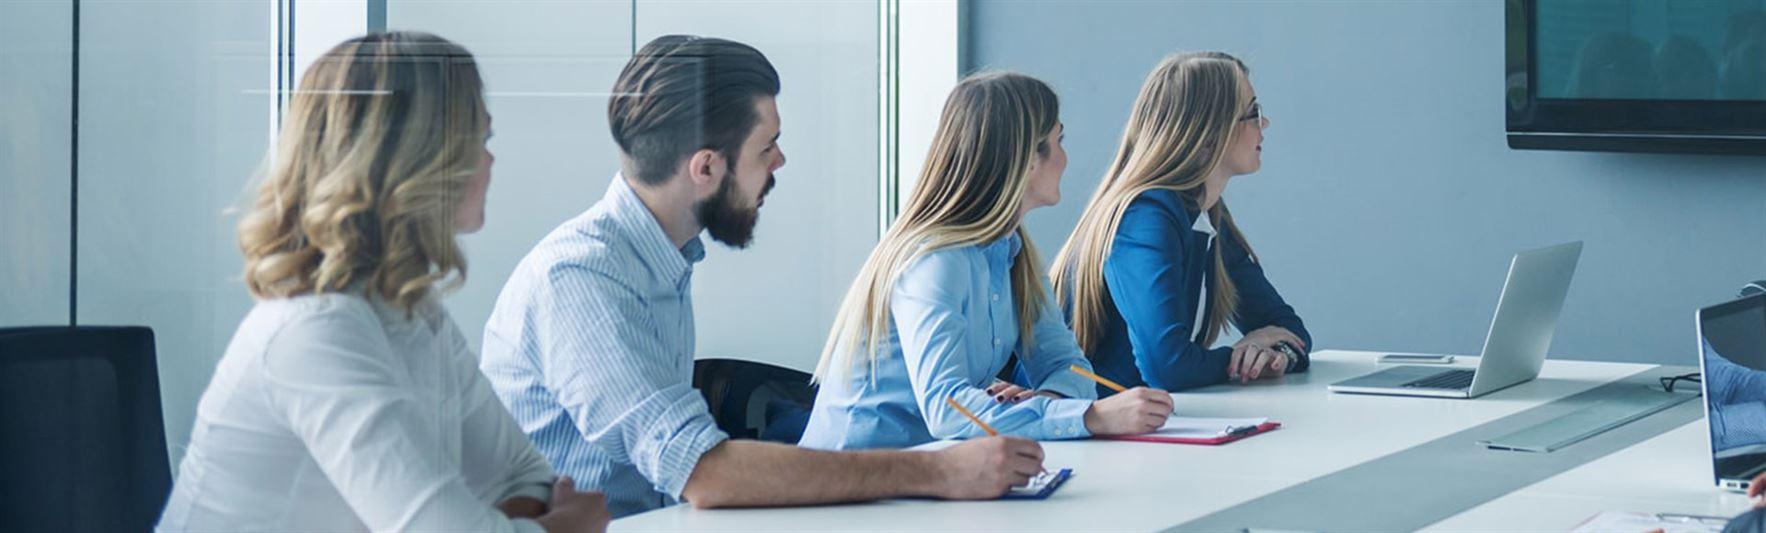 Investi nella formazione: sfoglia il catalogo corsi 2021 di BPR Group